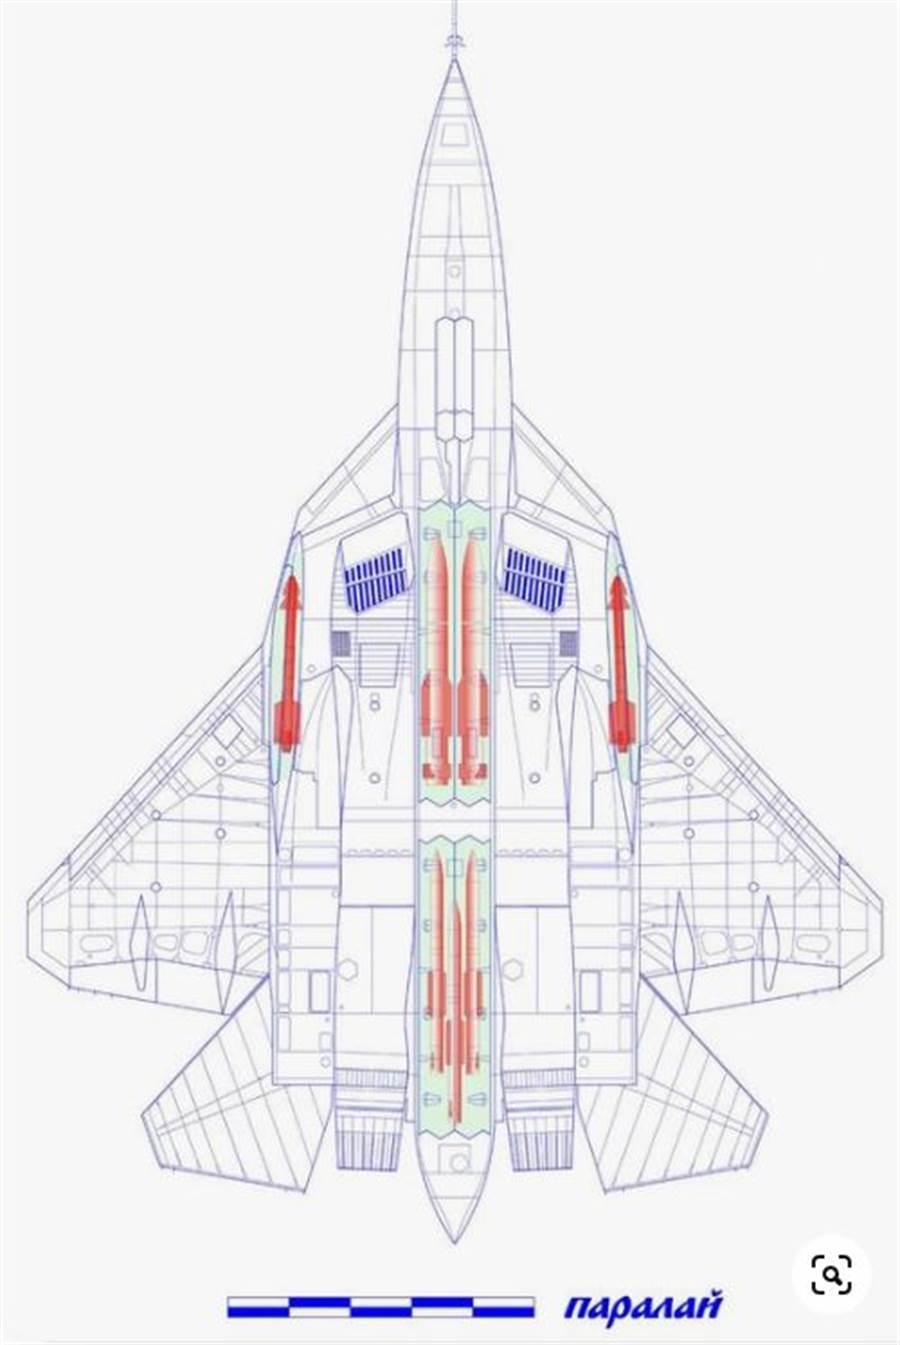 Su-57武器艙的可能配置。(圖/俄羅斯紅星模型)